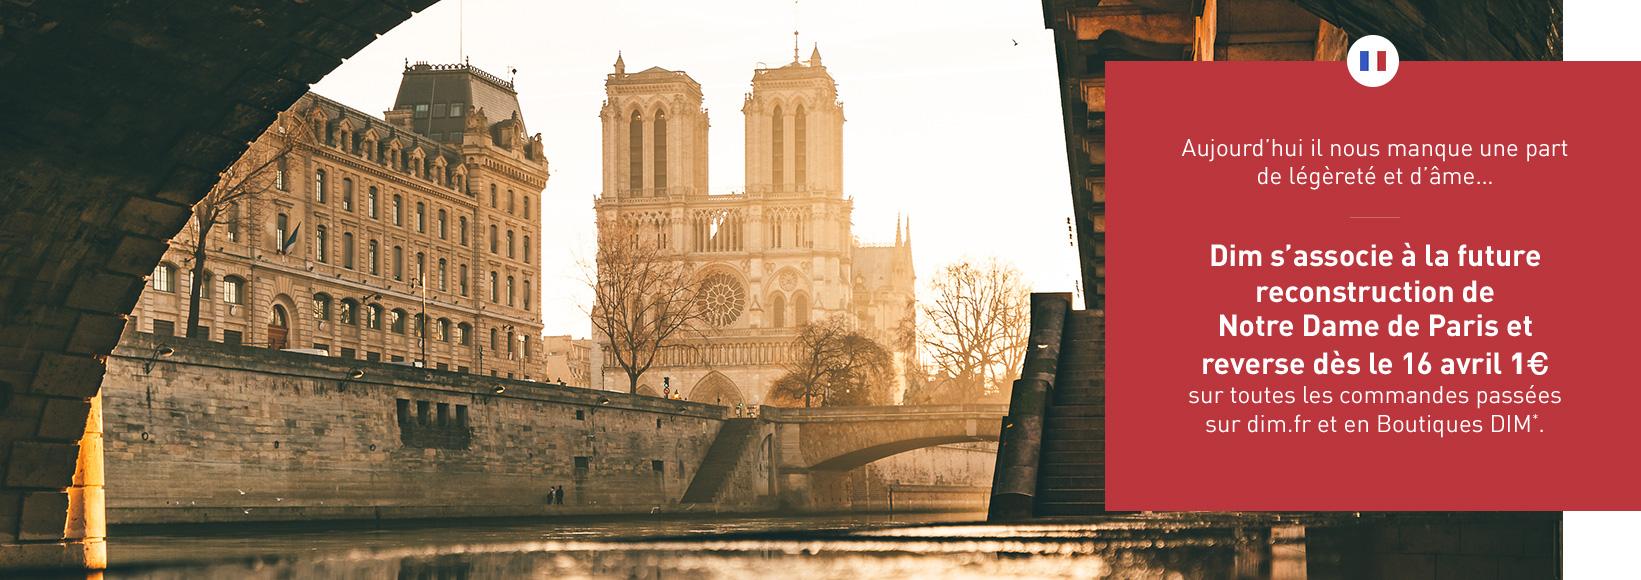 Dim s'associe à la future reconstruction de Notre Dame de Paris et reverse 1€ sur toutes les commandes passées